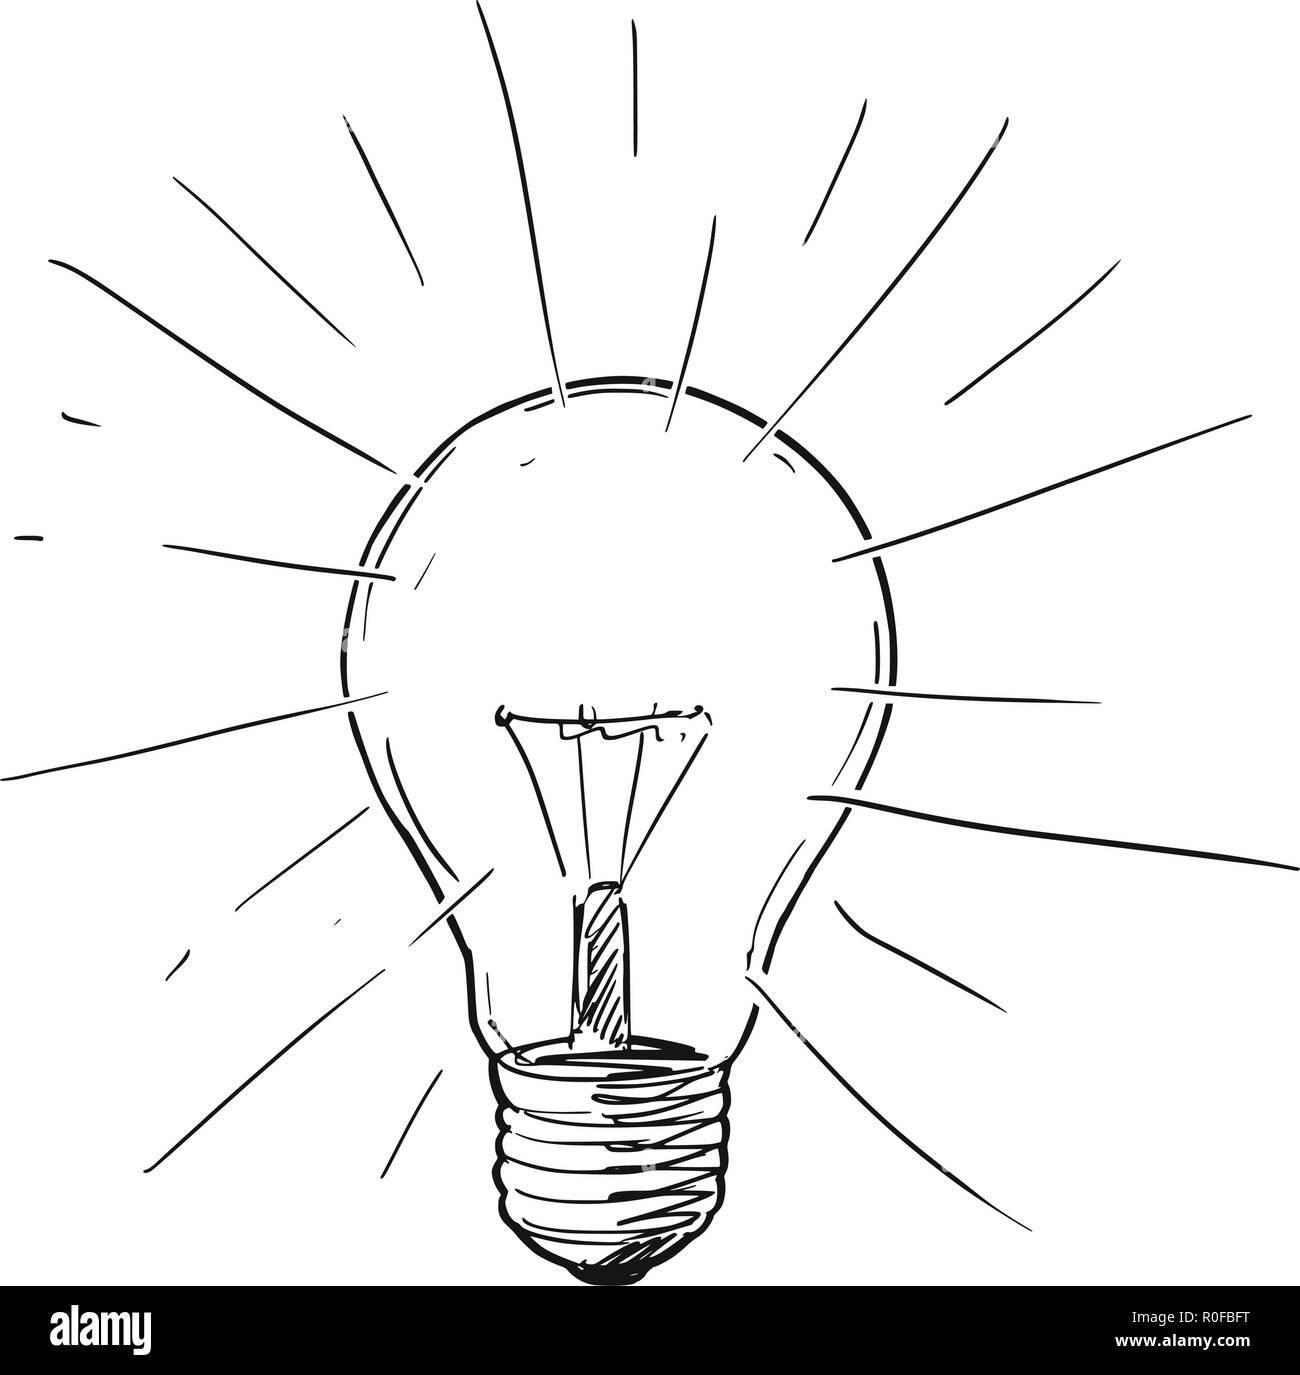 Vector Disegno Illustrazione Della Luce Splendente Lampadina